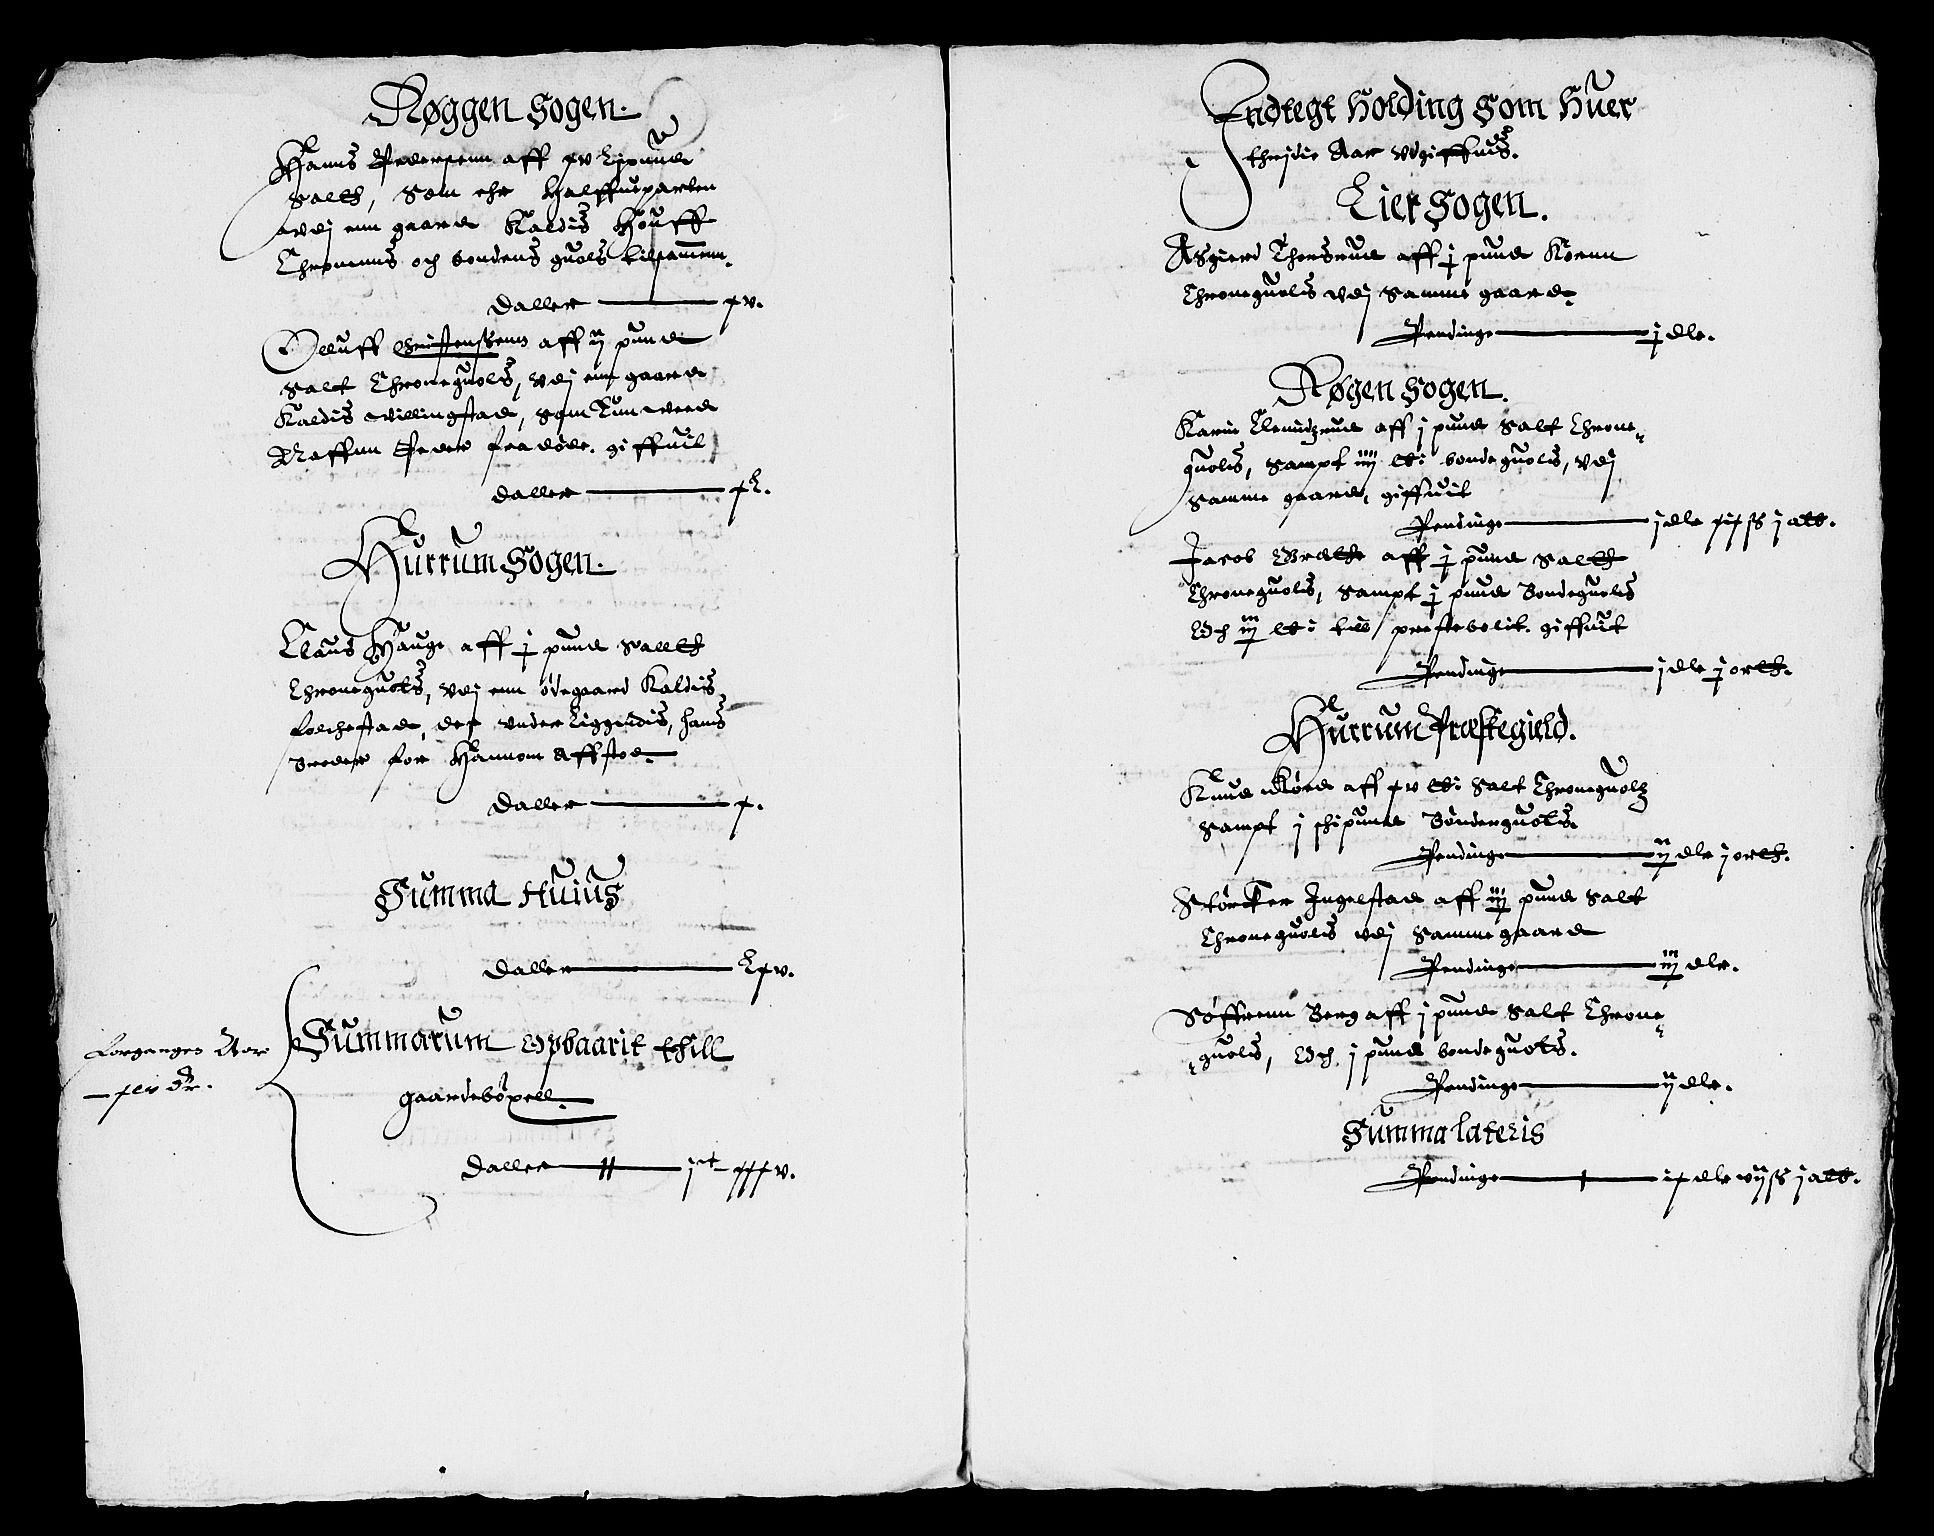 RA, Rentekammeret inntil 1814, Reviderte regnskaper, Lensregnskaper, R/Rb/Rba/L0081: Akershus len, 1627-1628